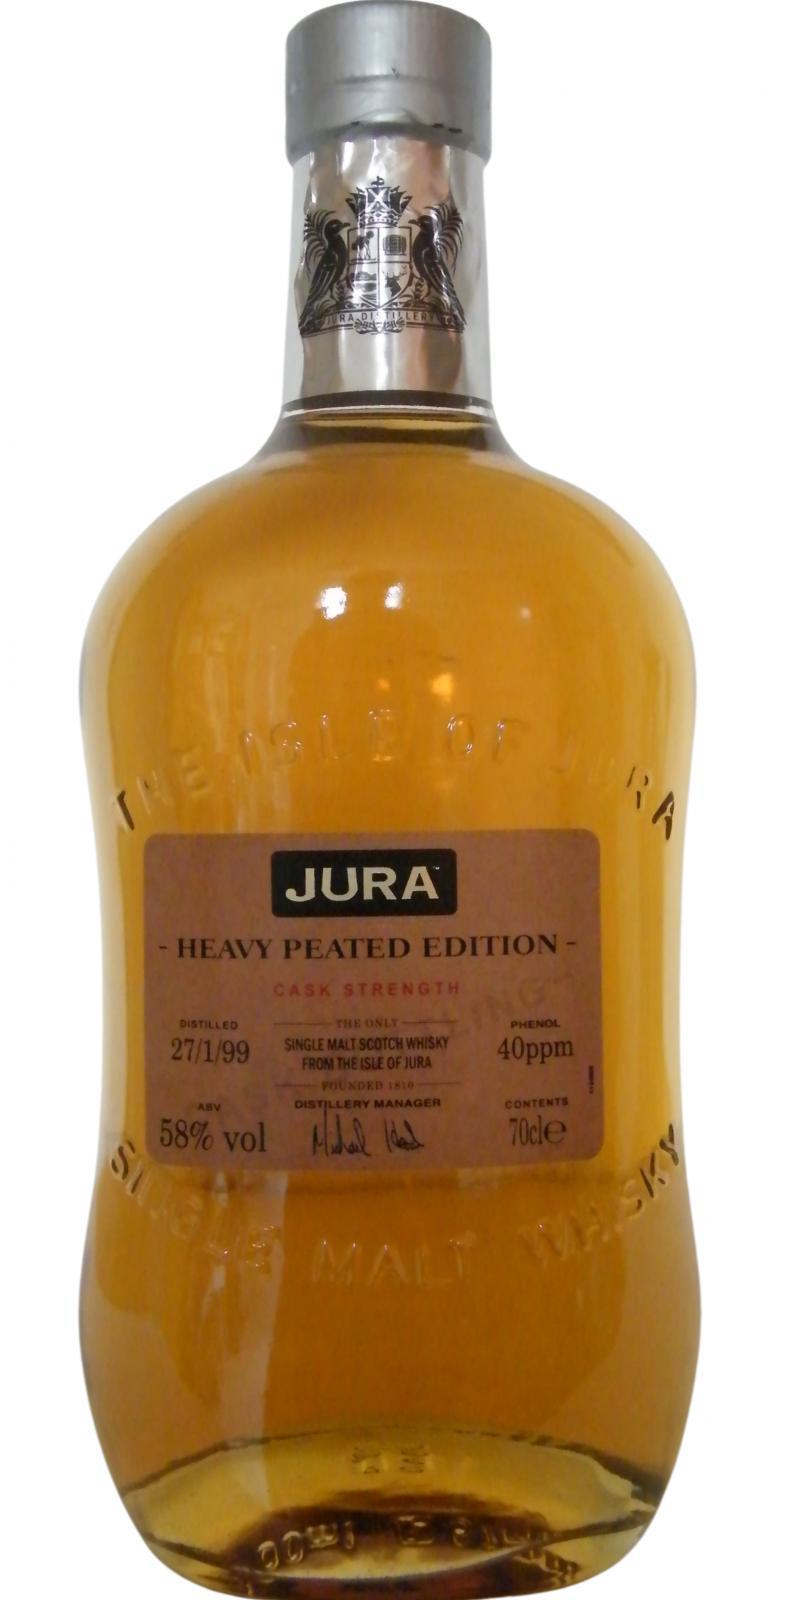 Isle of Jura 1999 Heavy Peated